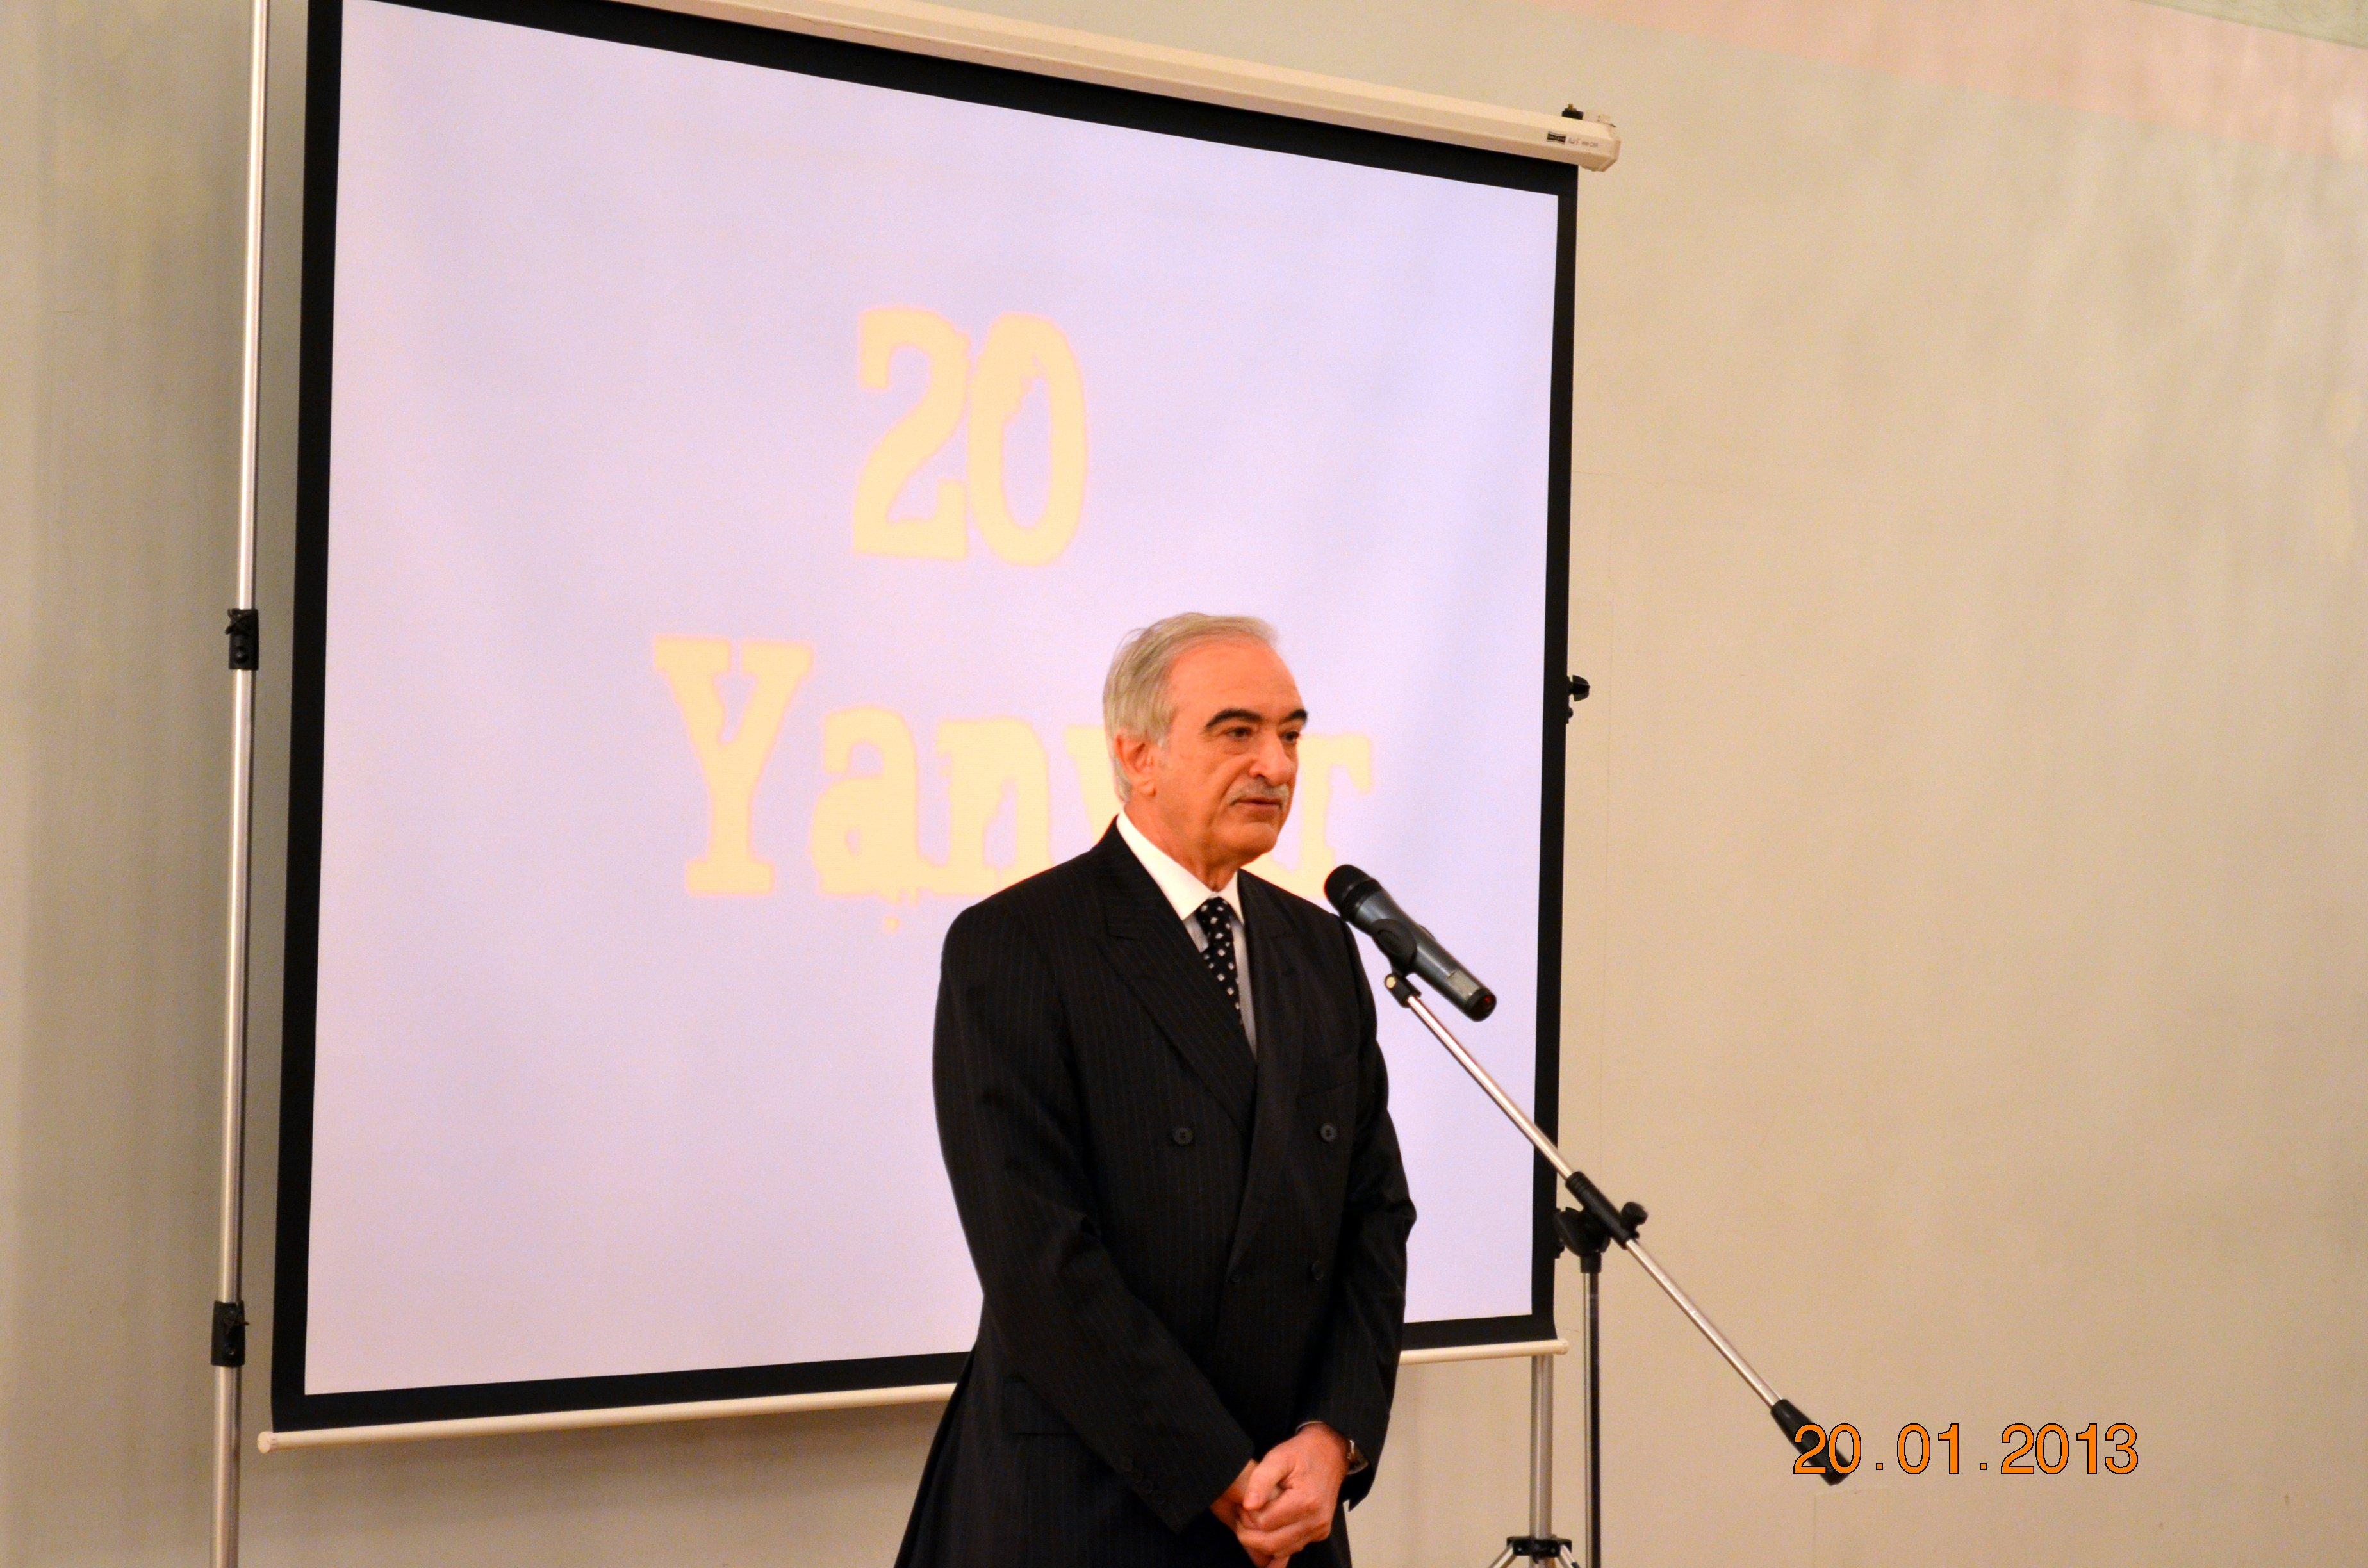 Moskvada Azərbaycan səfirliyində QANLI 20 YANVAR günü ilə bağlı tədbir keçirildi